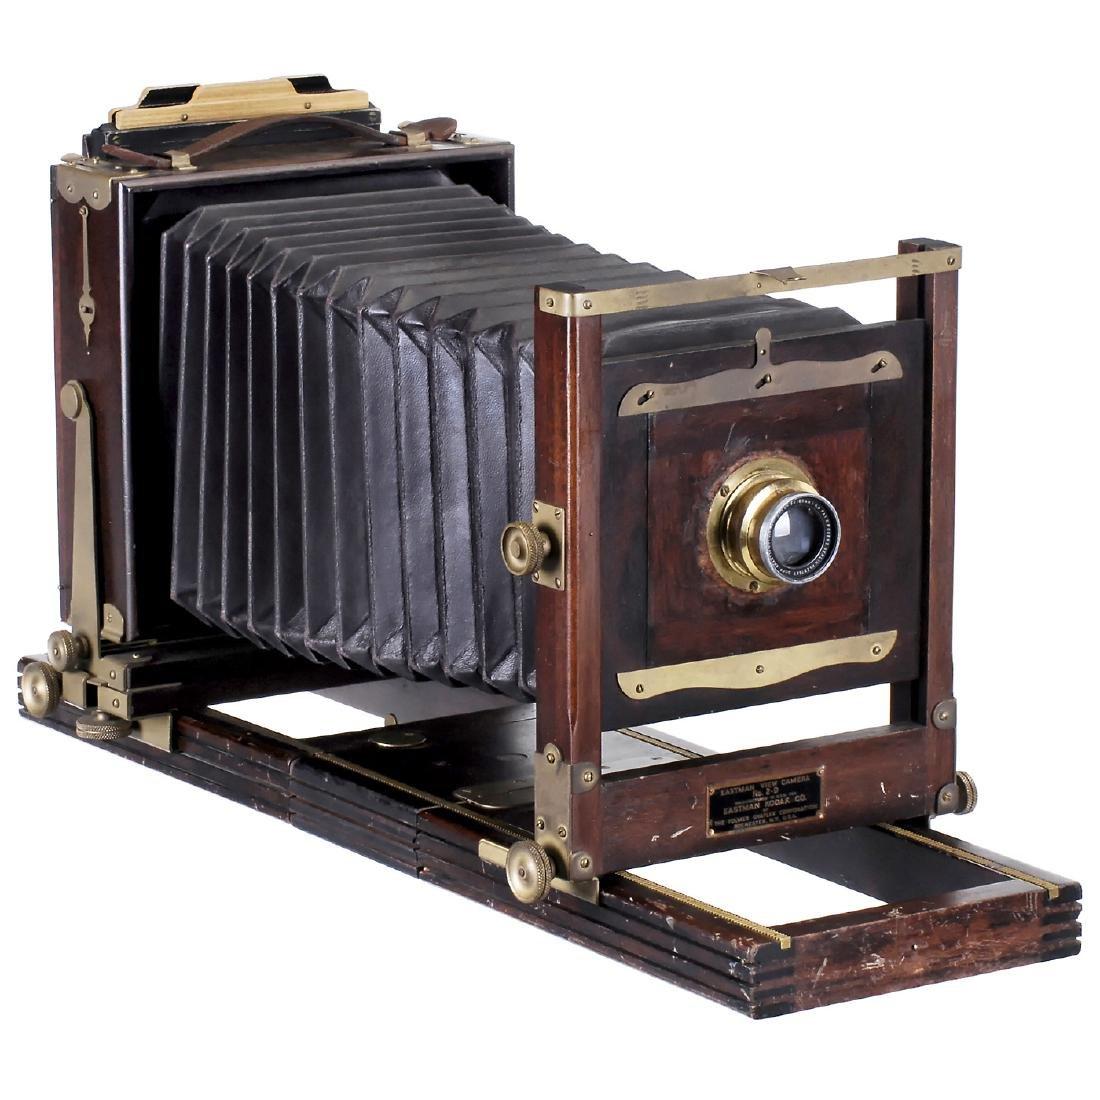 Eastman View Camera No. 2-D, c. 1910 - 2